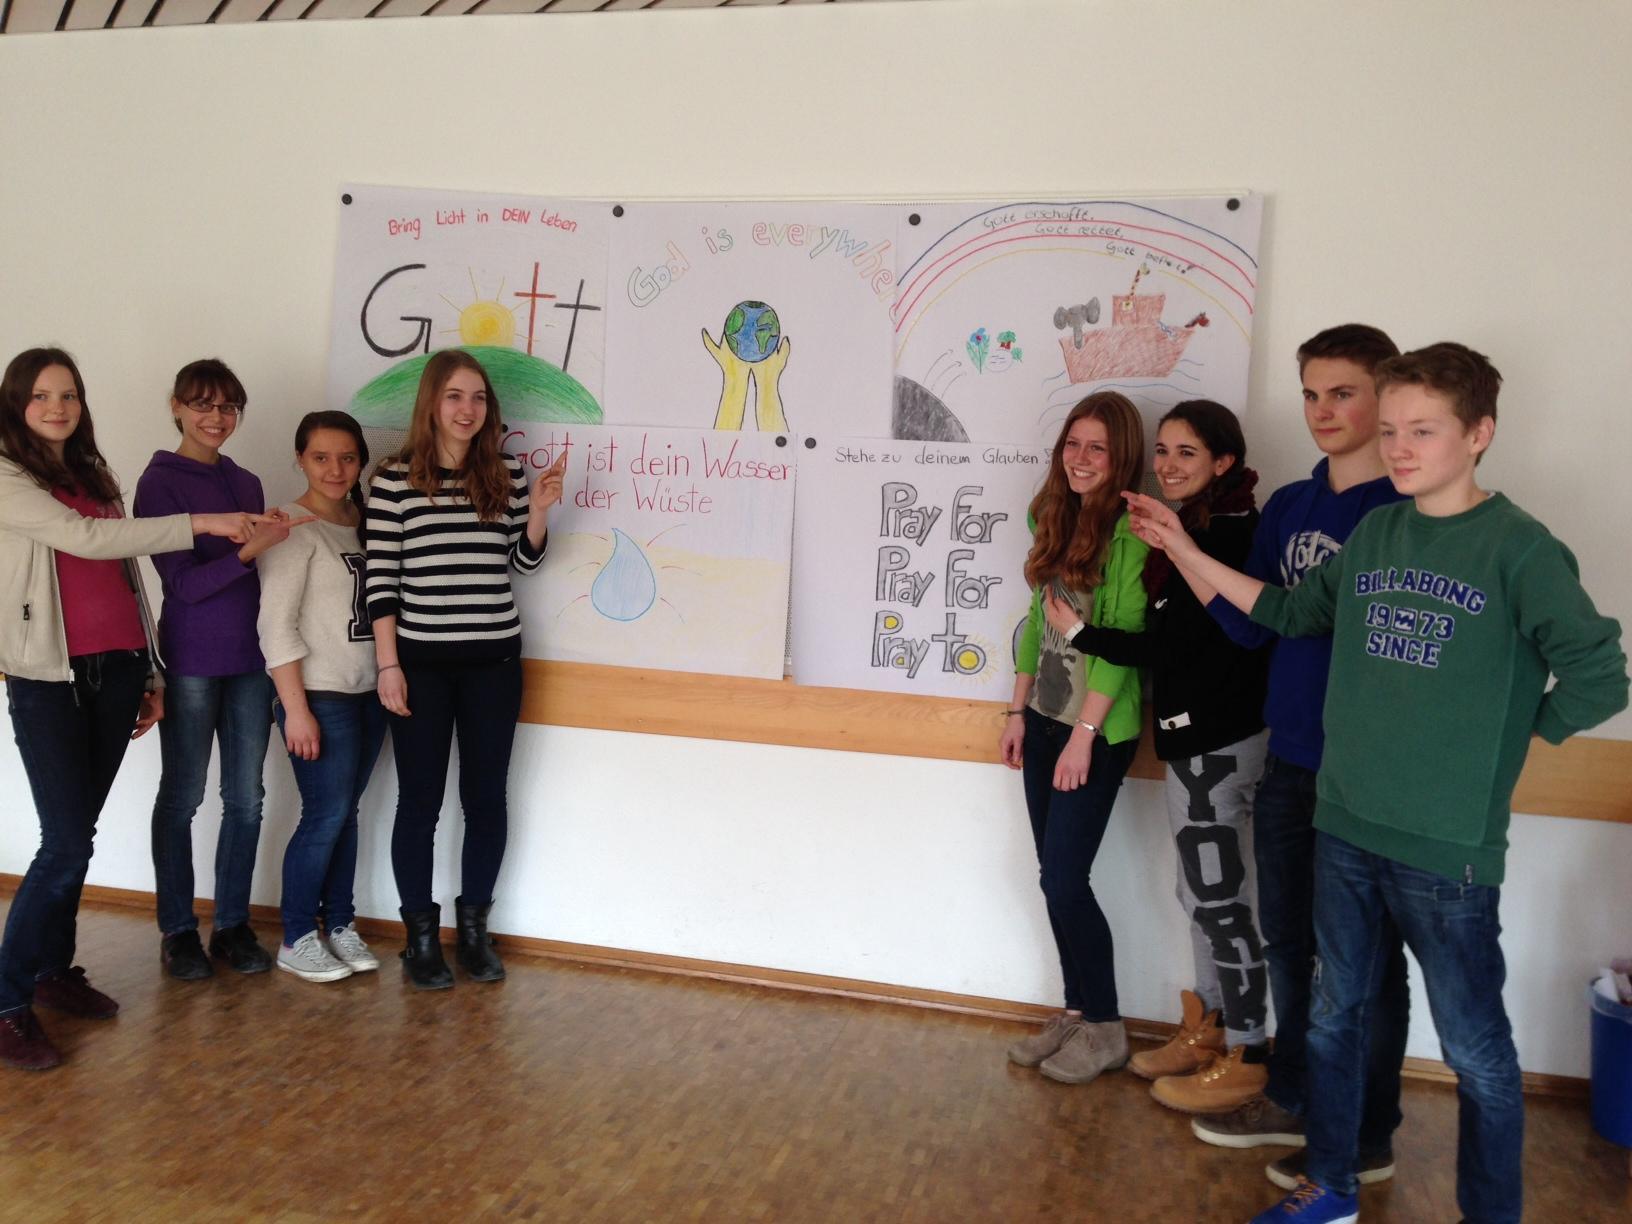 Firmgruppe Heilig Kreuz Bensheim 2014